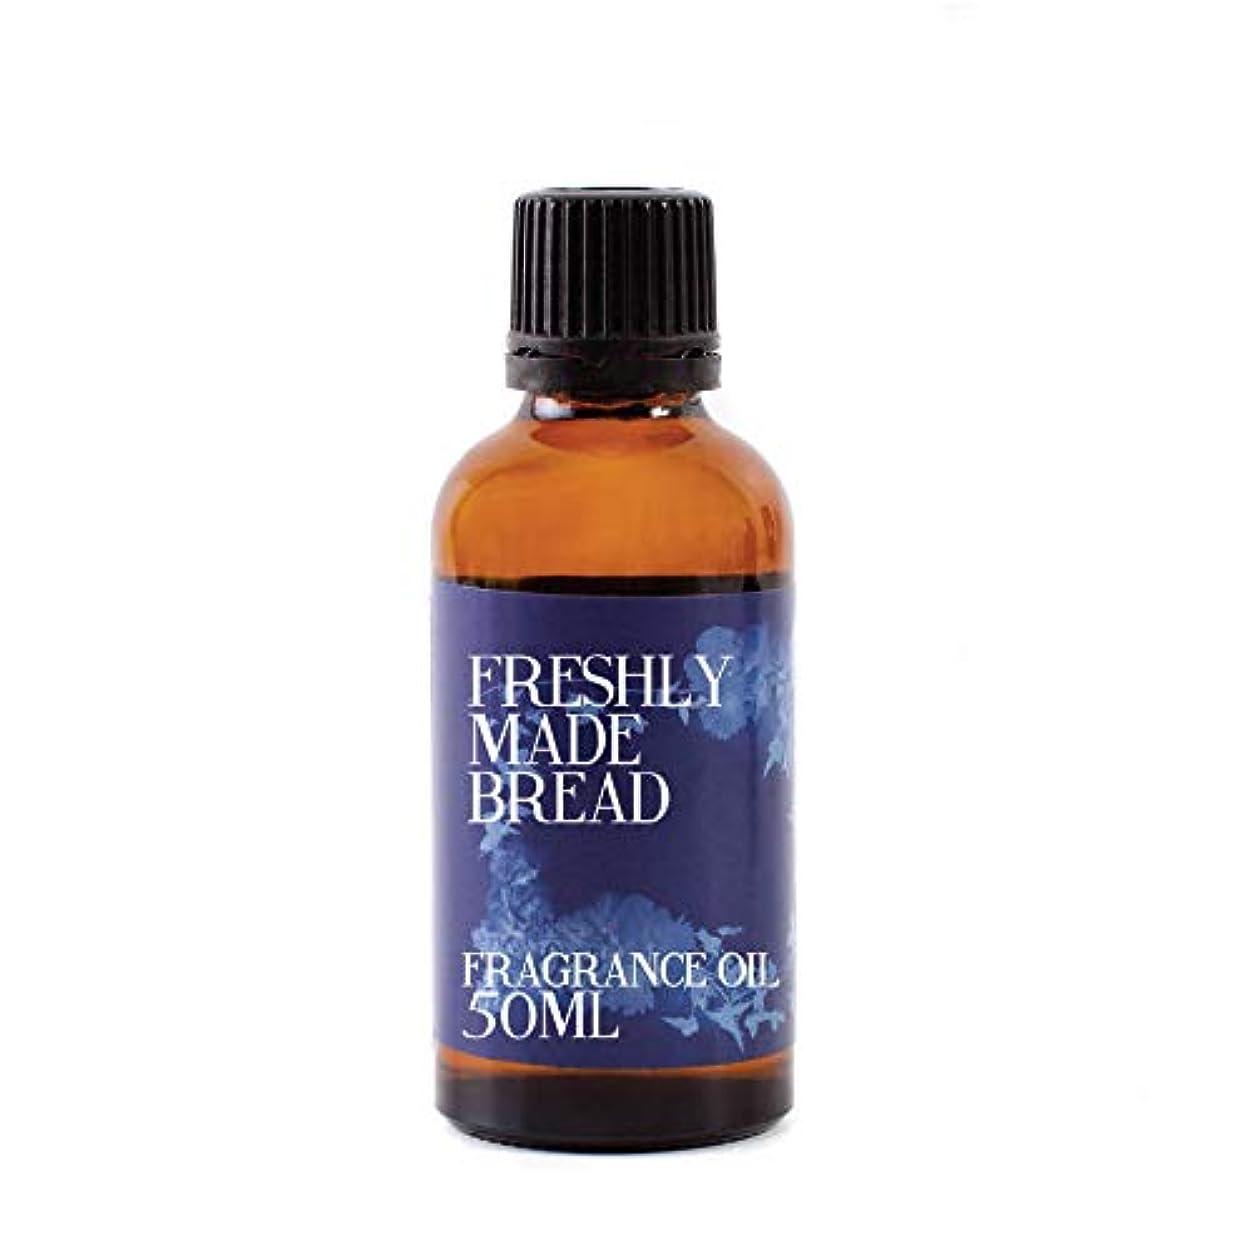 共和党任意命令的Mystic Moments | Freshly Made Bread Fragrance Oil - 50ml